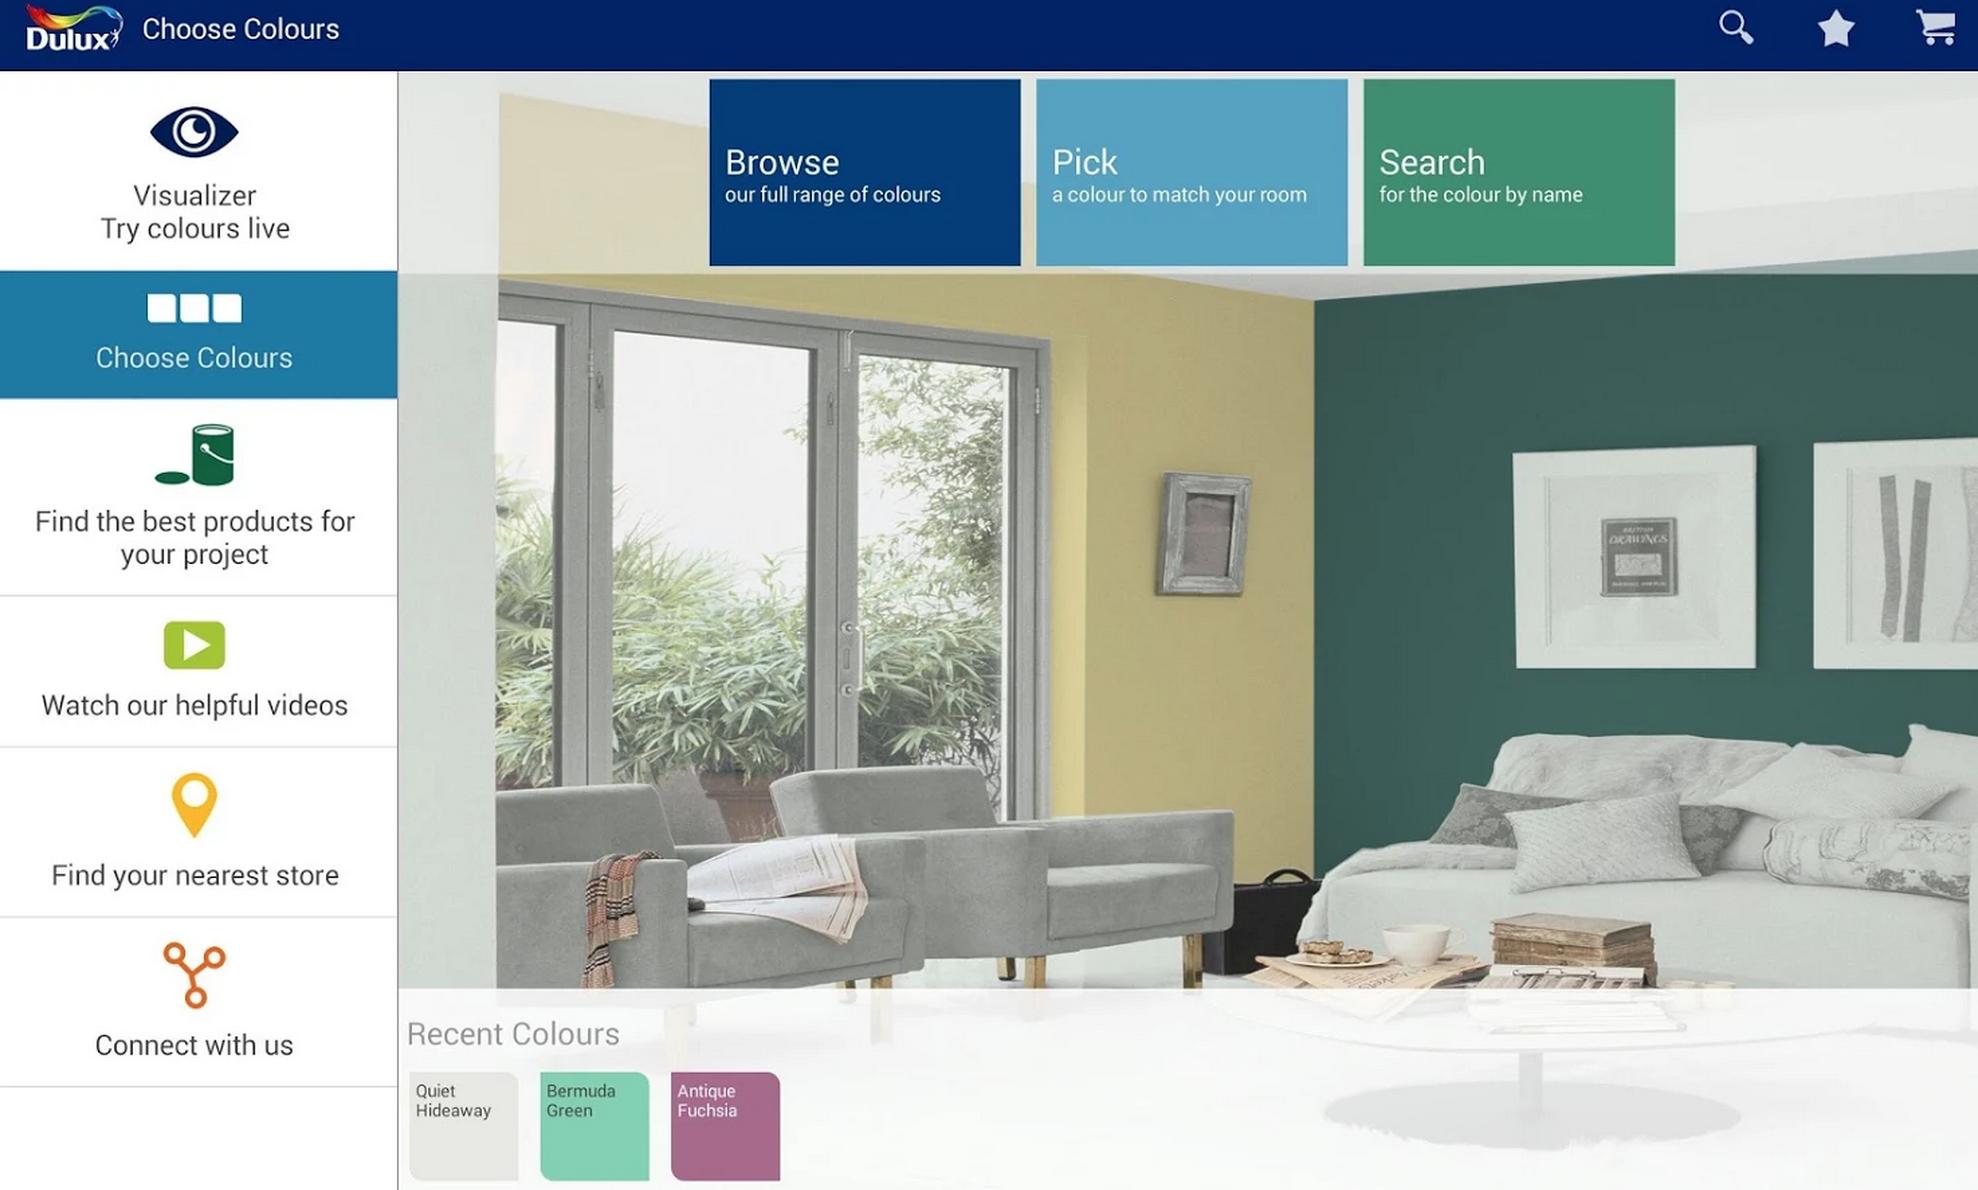 testez directement les couleurs avec dulux valentine actus m dias co. Black Bedroom Furniture Sets. Home Design Ideas